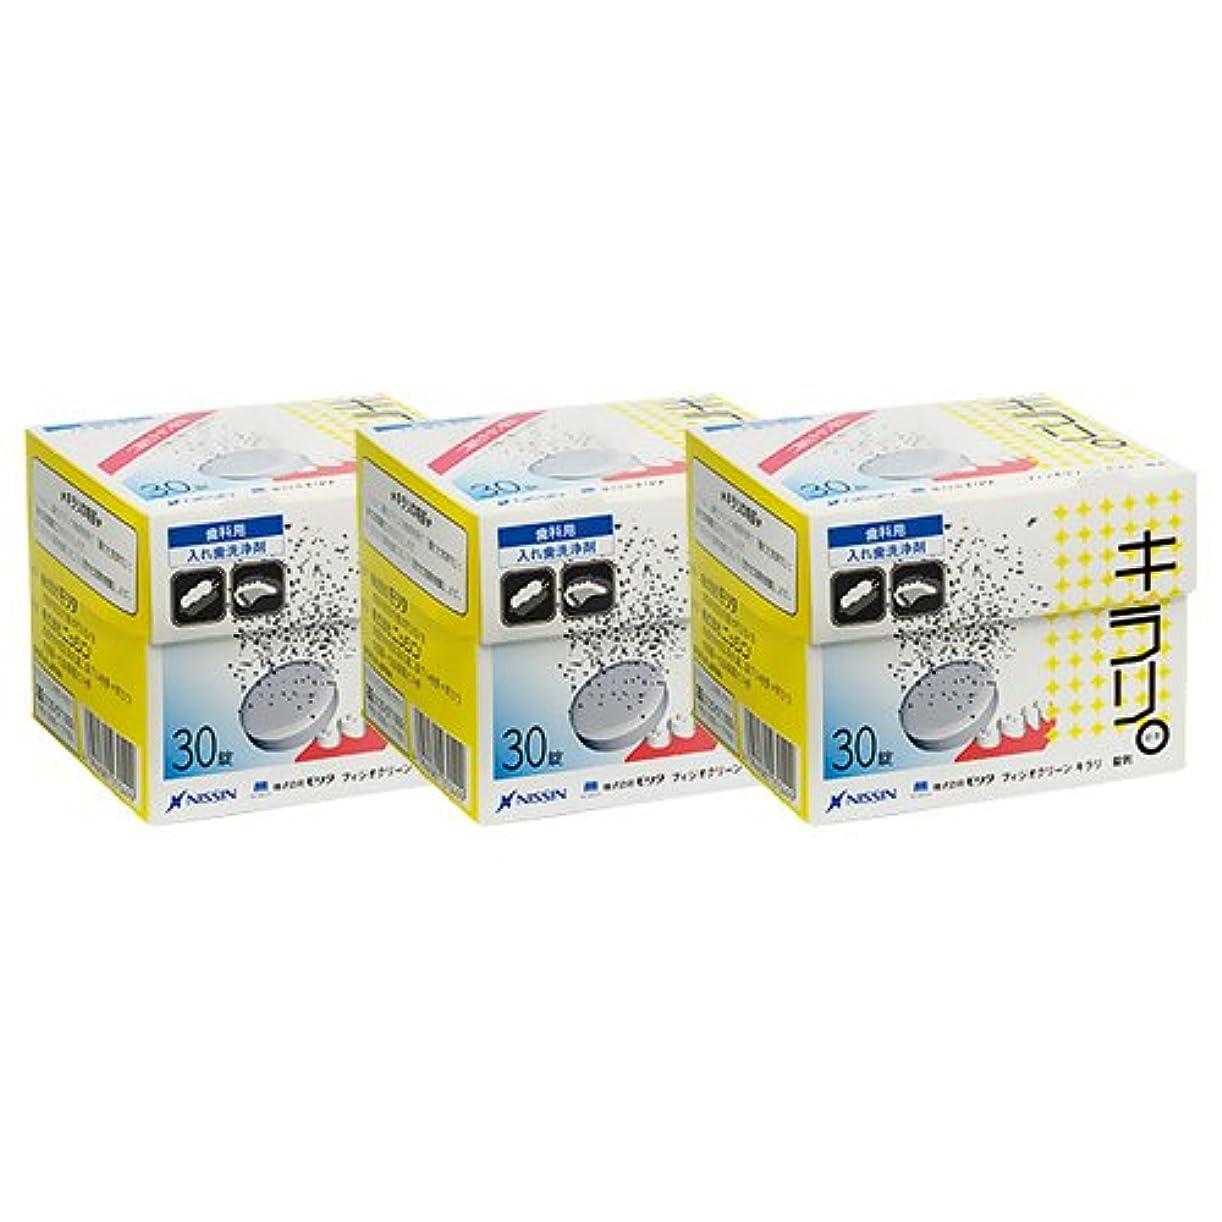 チューリップ関税日フィジオクリーン キラリ錠剤 30錠入 (3箱)